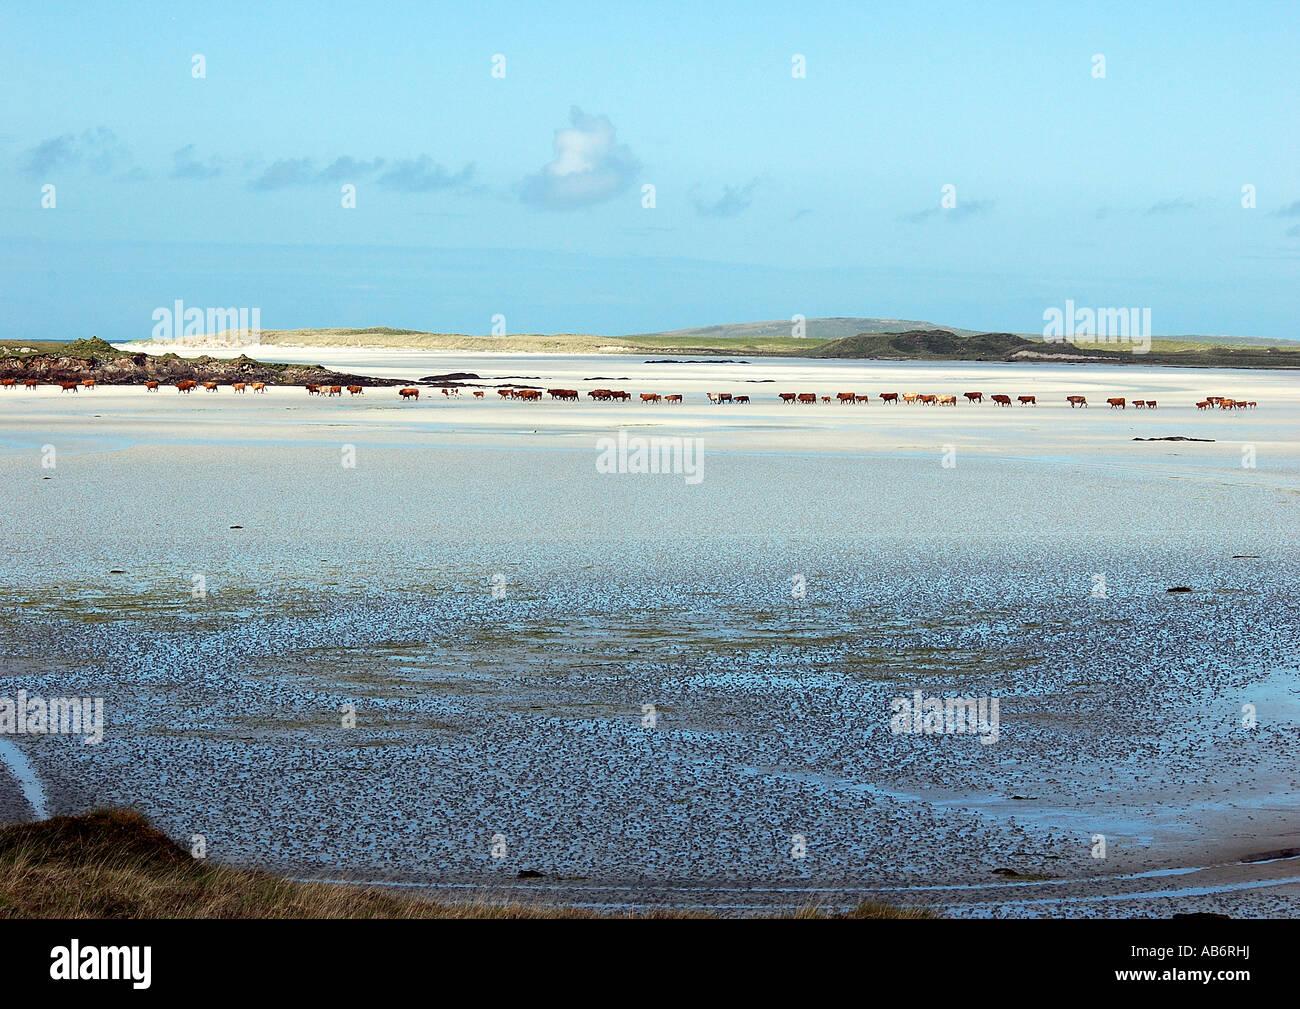 Le vacche di file in una insenatura di sabbia con la bassa marea, Uist, Scozia Foto Stock